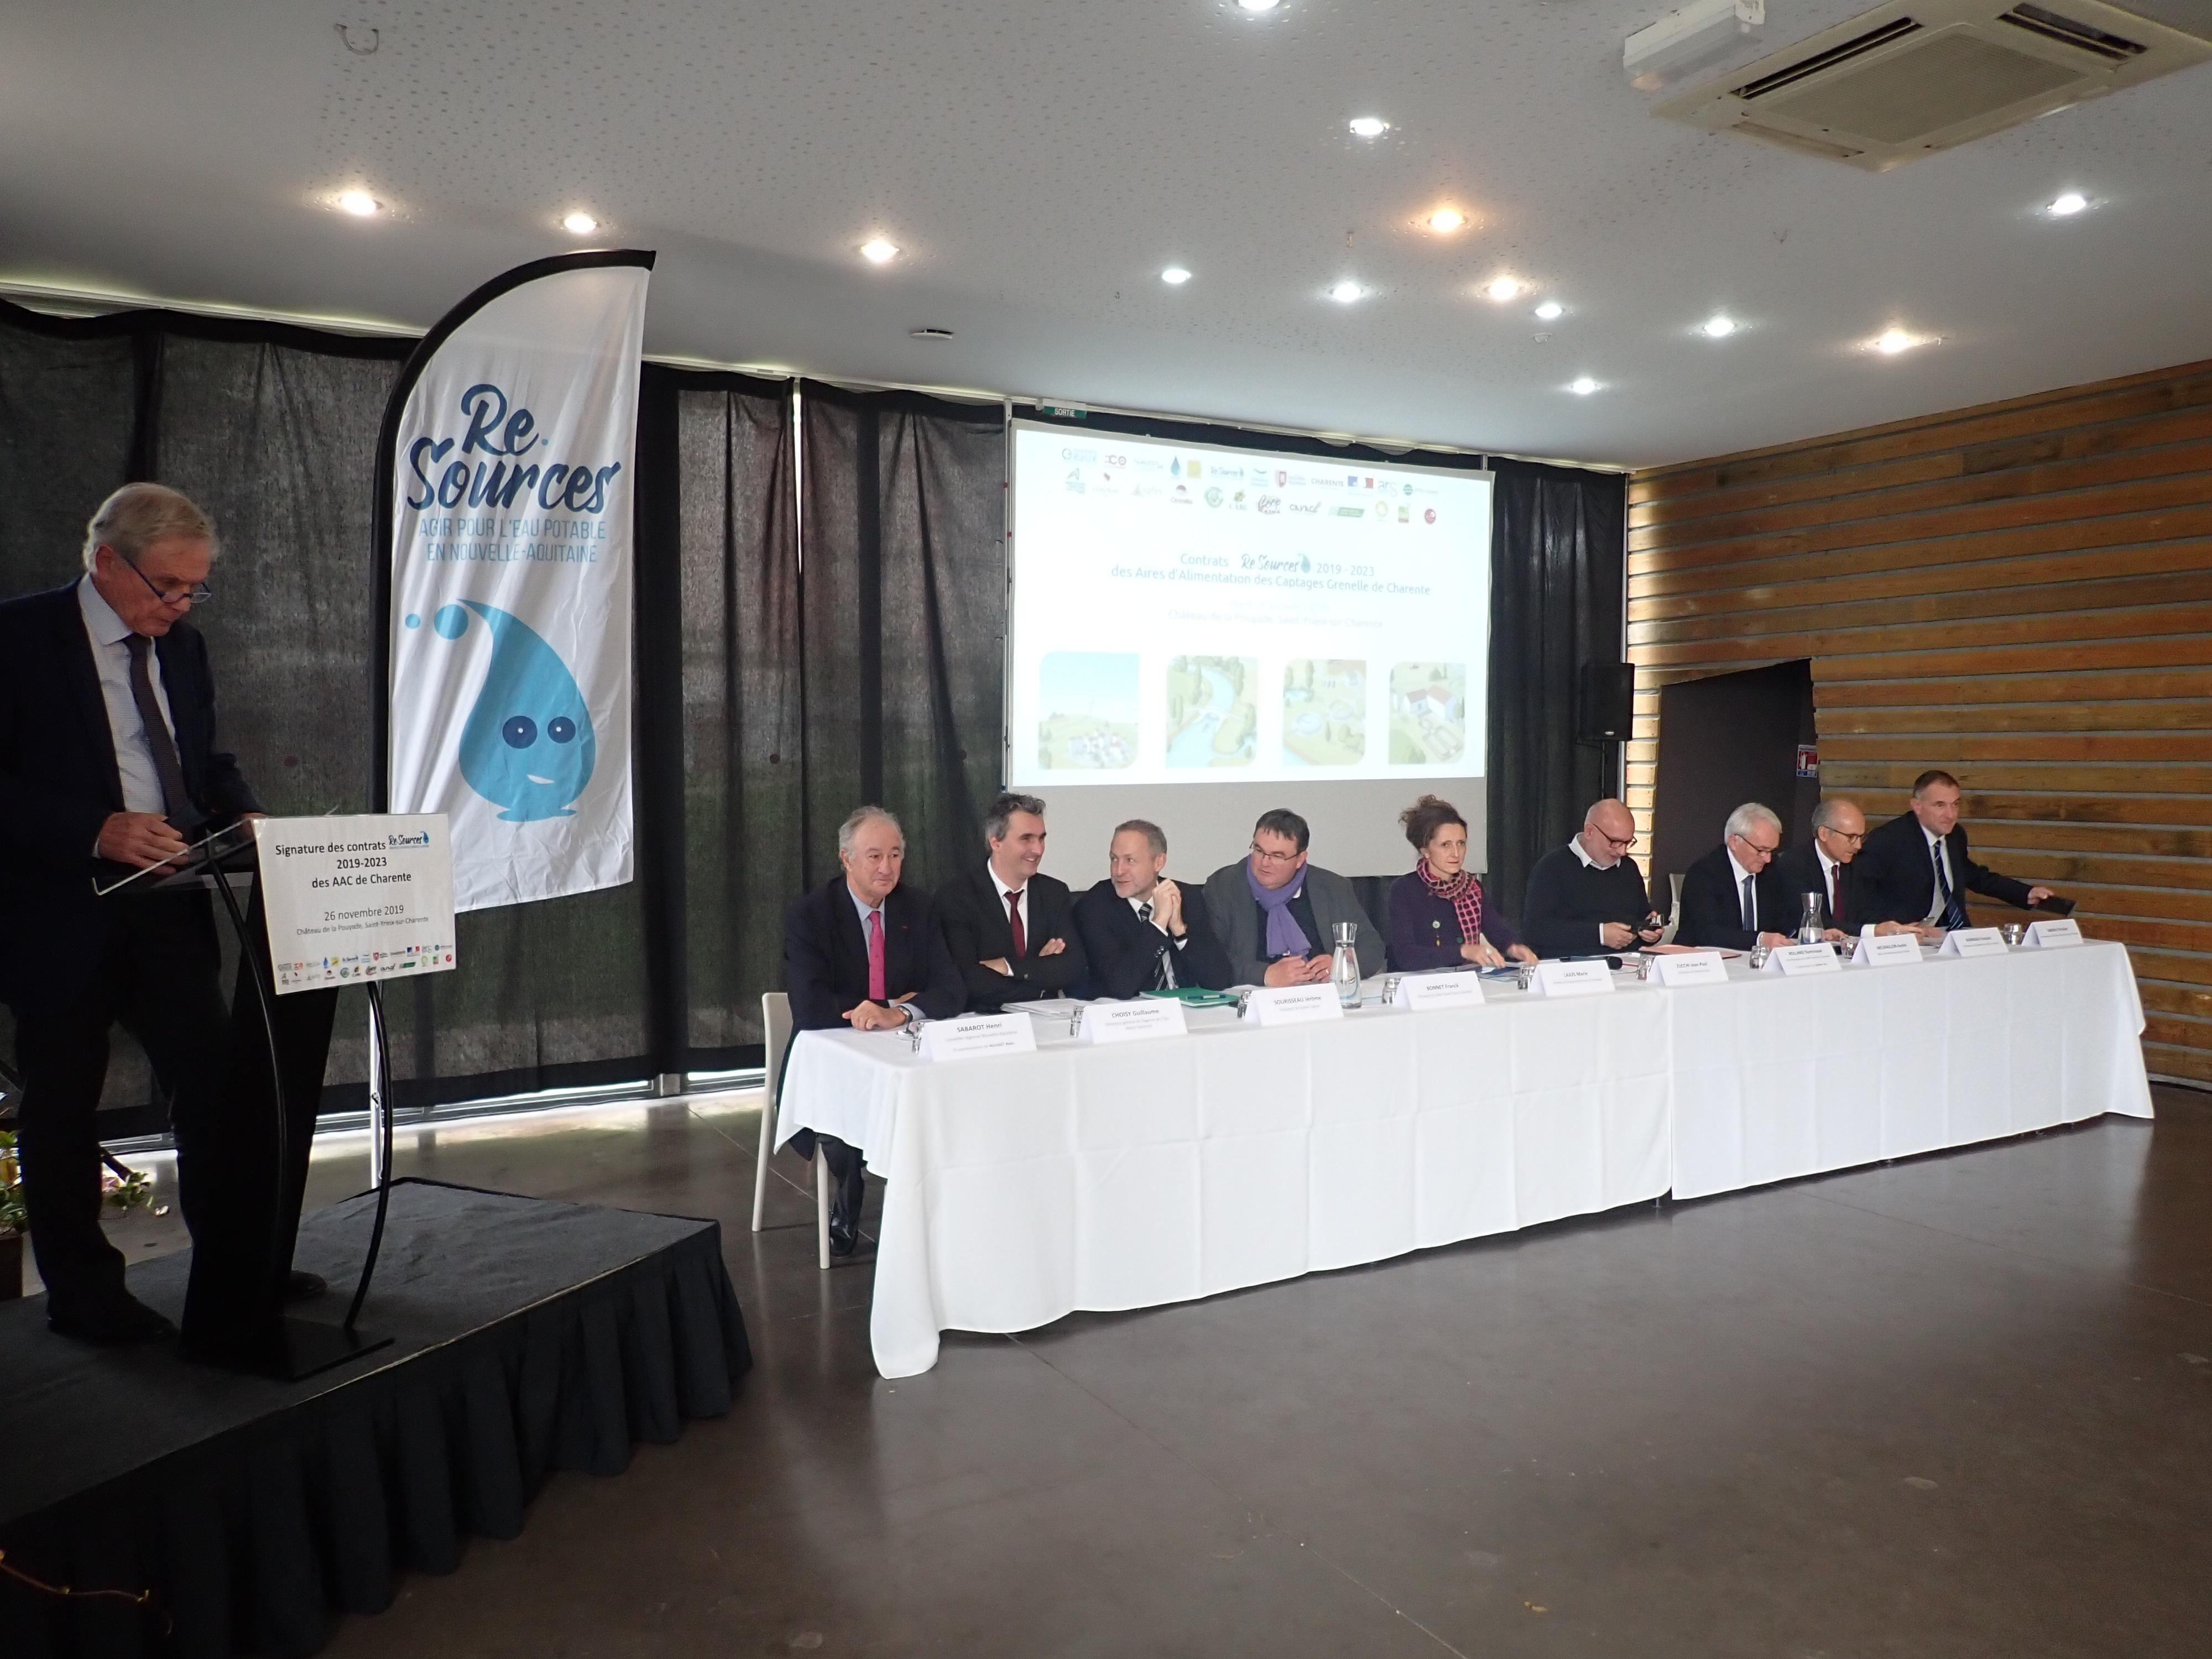 Sept contrats Re Sources 2019 – 2023 signés pour les Aires d'Alimentations de Captages Grenelle de Charente